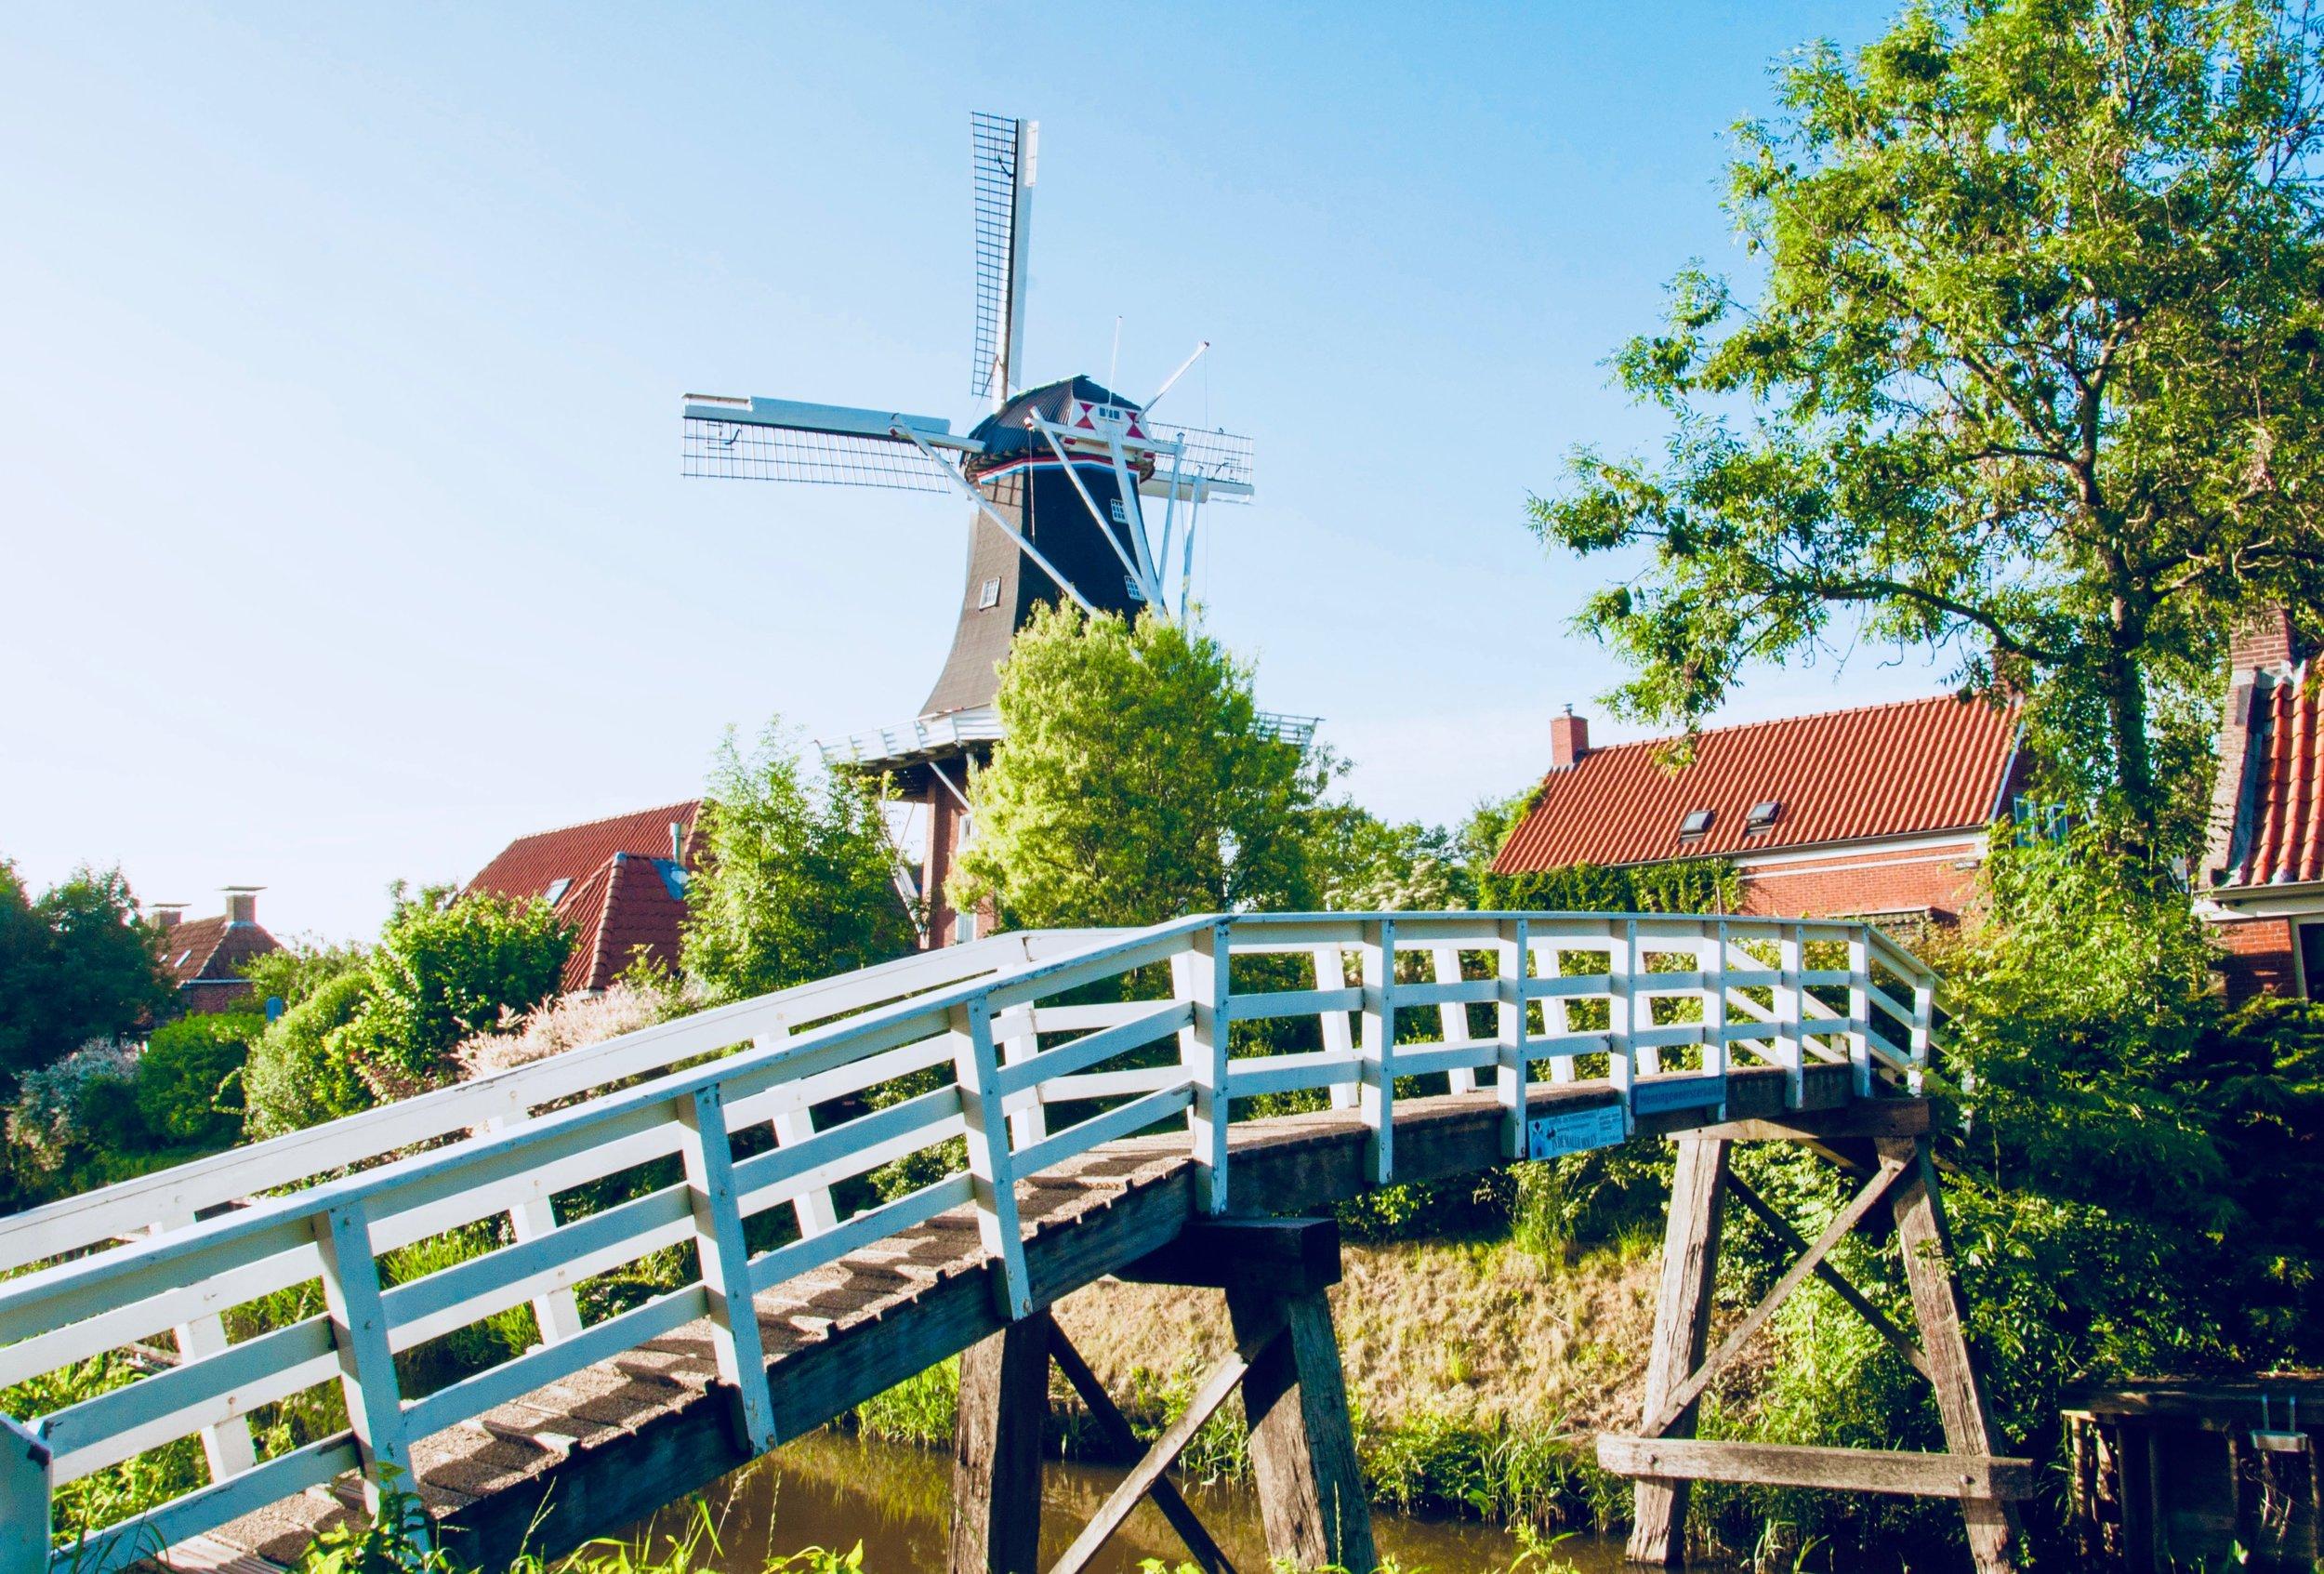 The windmill in Mensingeweer, Holland.